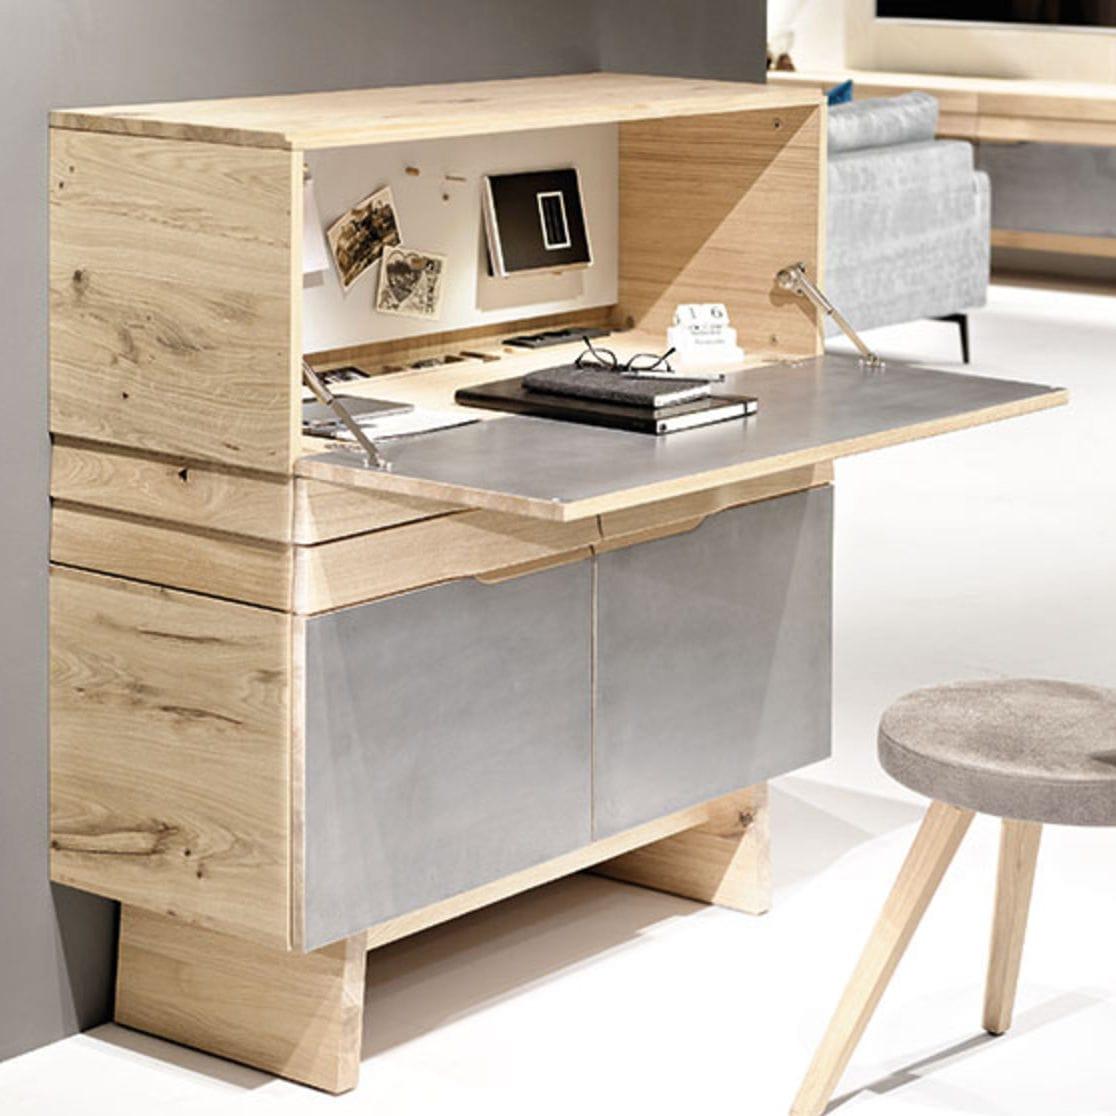 Schreibtisch Stauraum schreibtisch aus eiche / modern / integrierter stauraum - v-organo